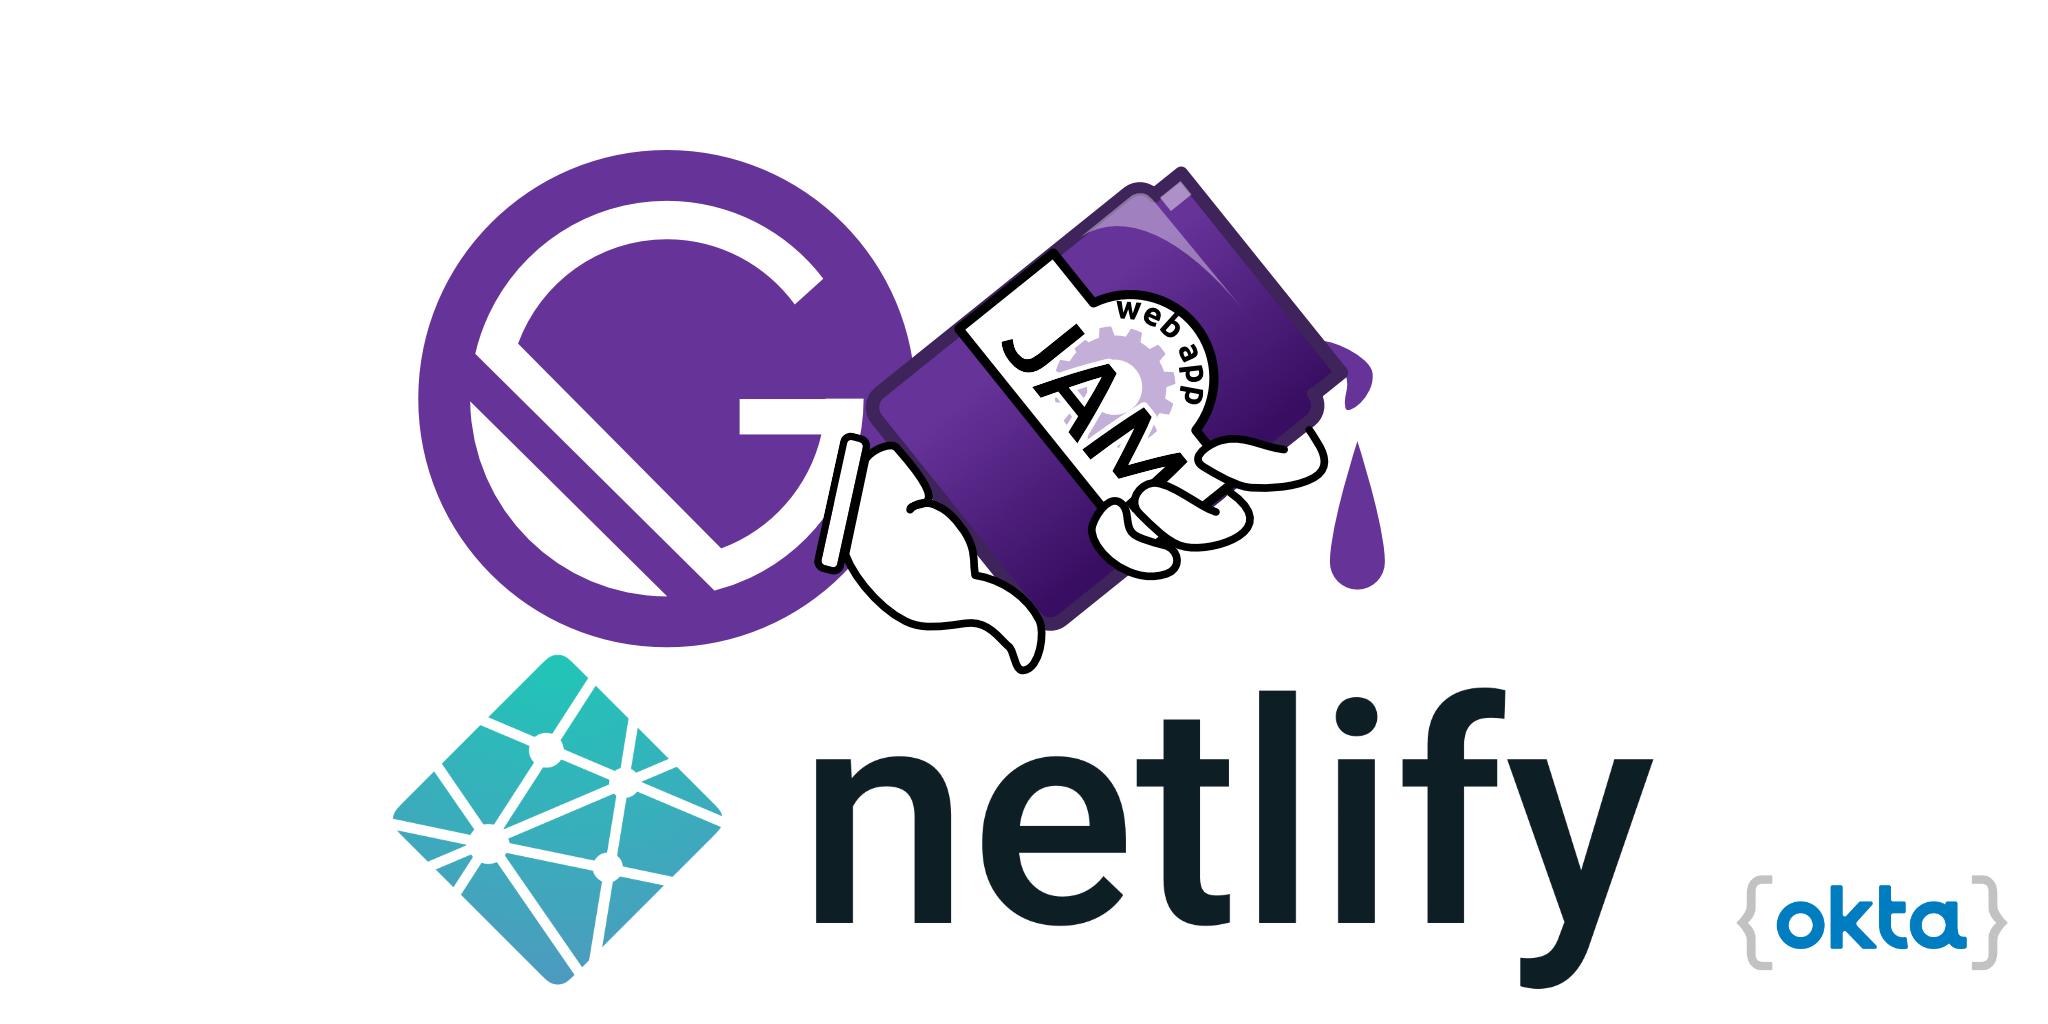 Gatsby + Netlify